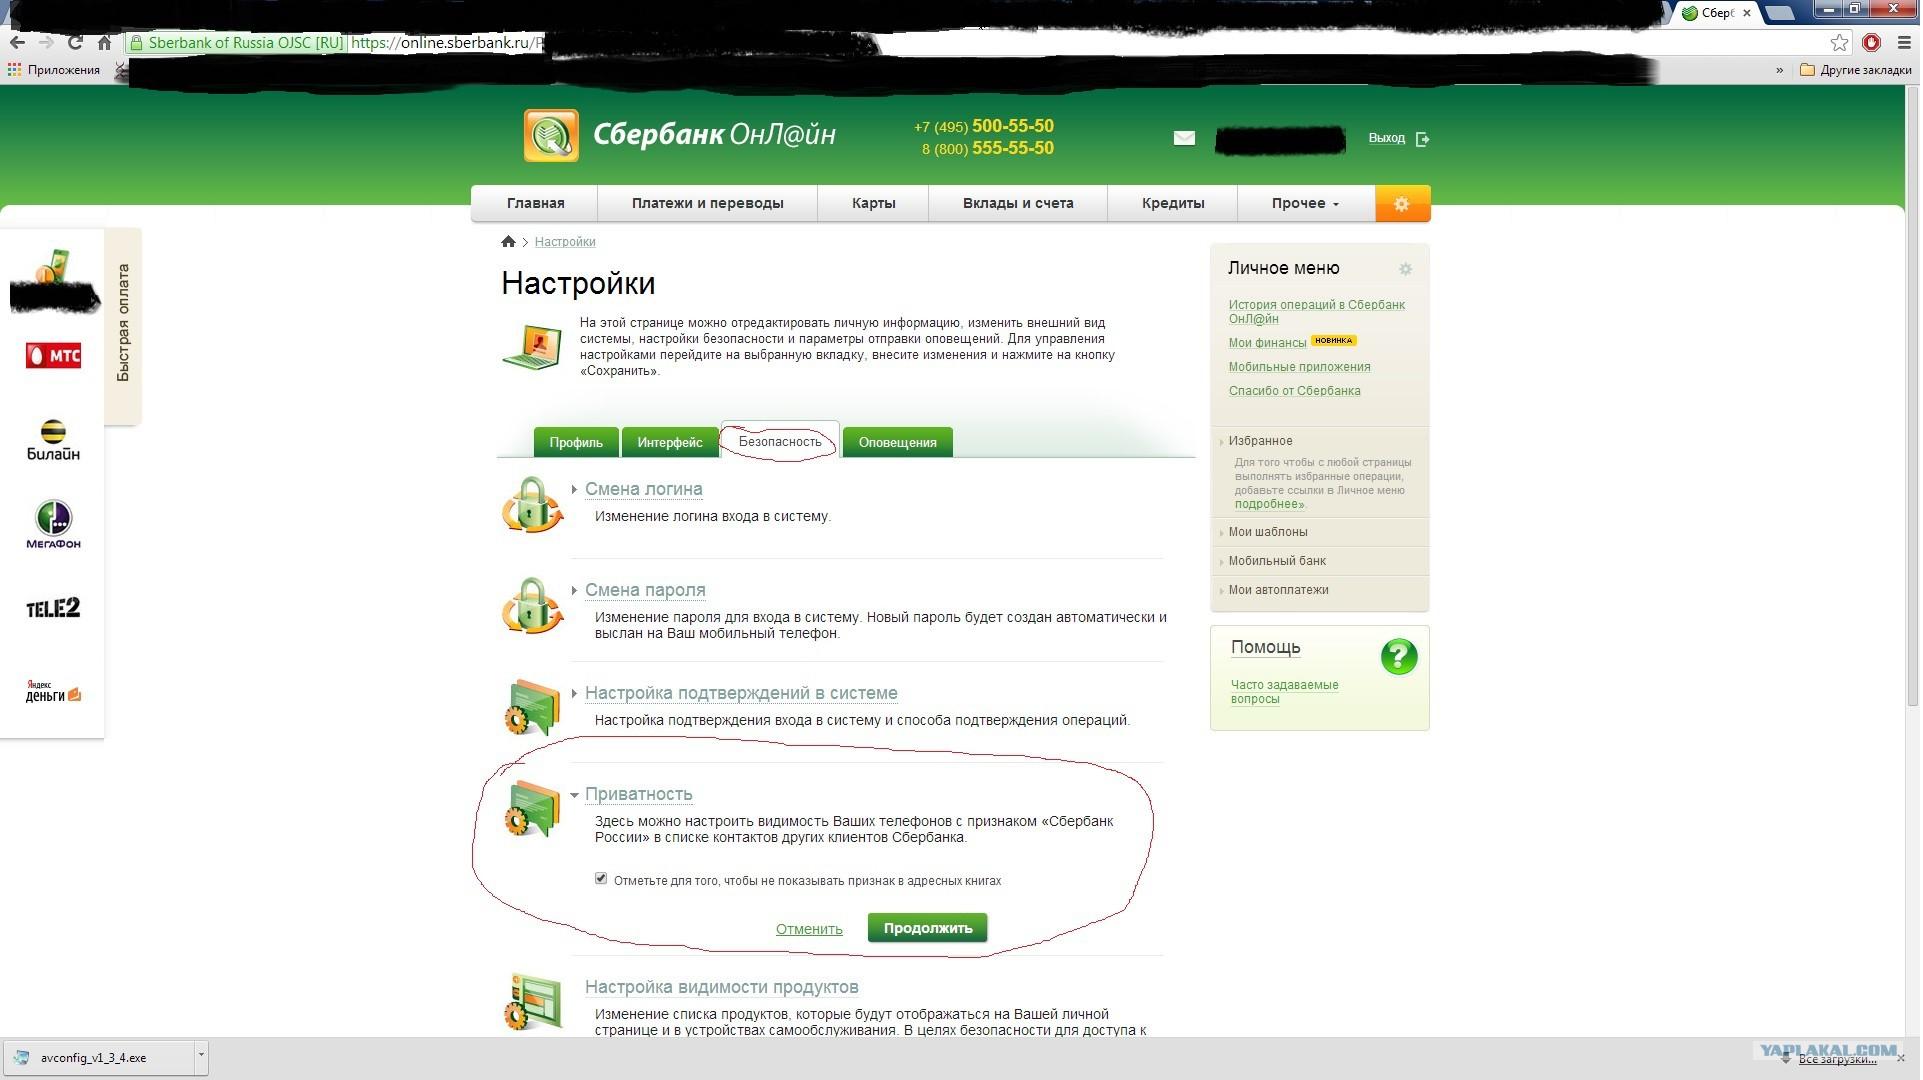 «Сбербанк» - Мобильный Банк 2. Отправьте денежный перевод на короткое имя 32